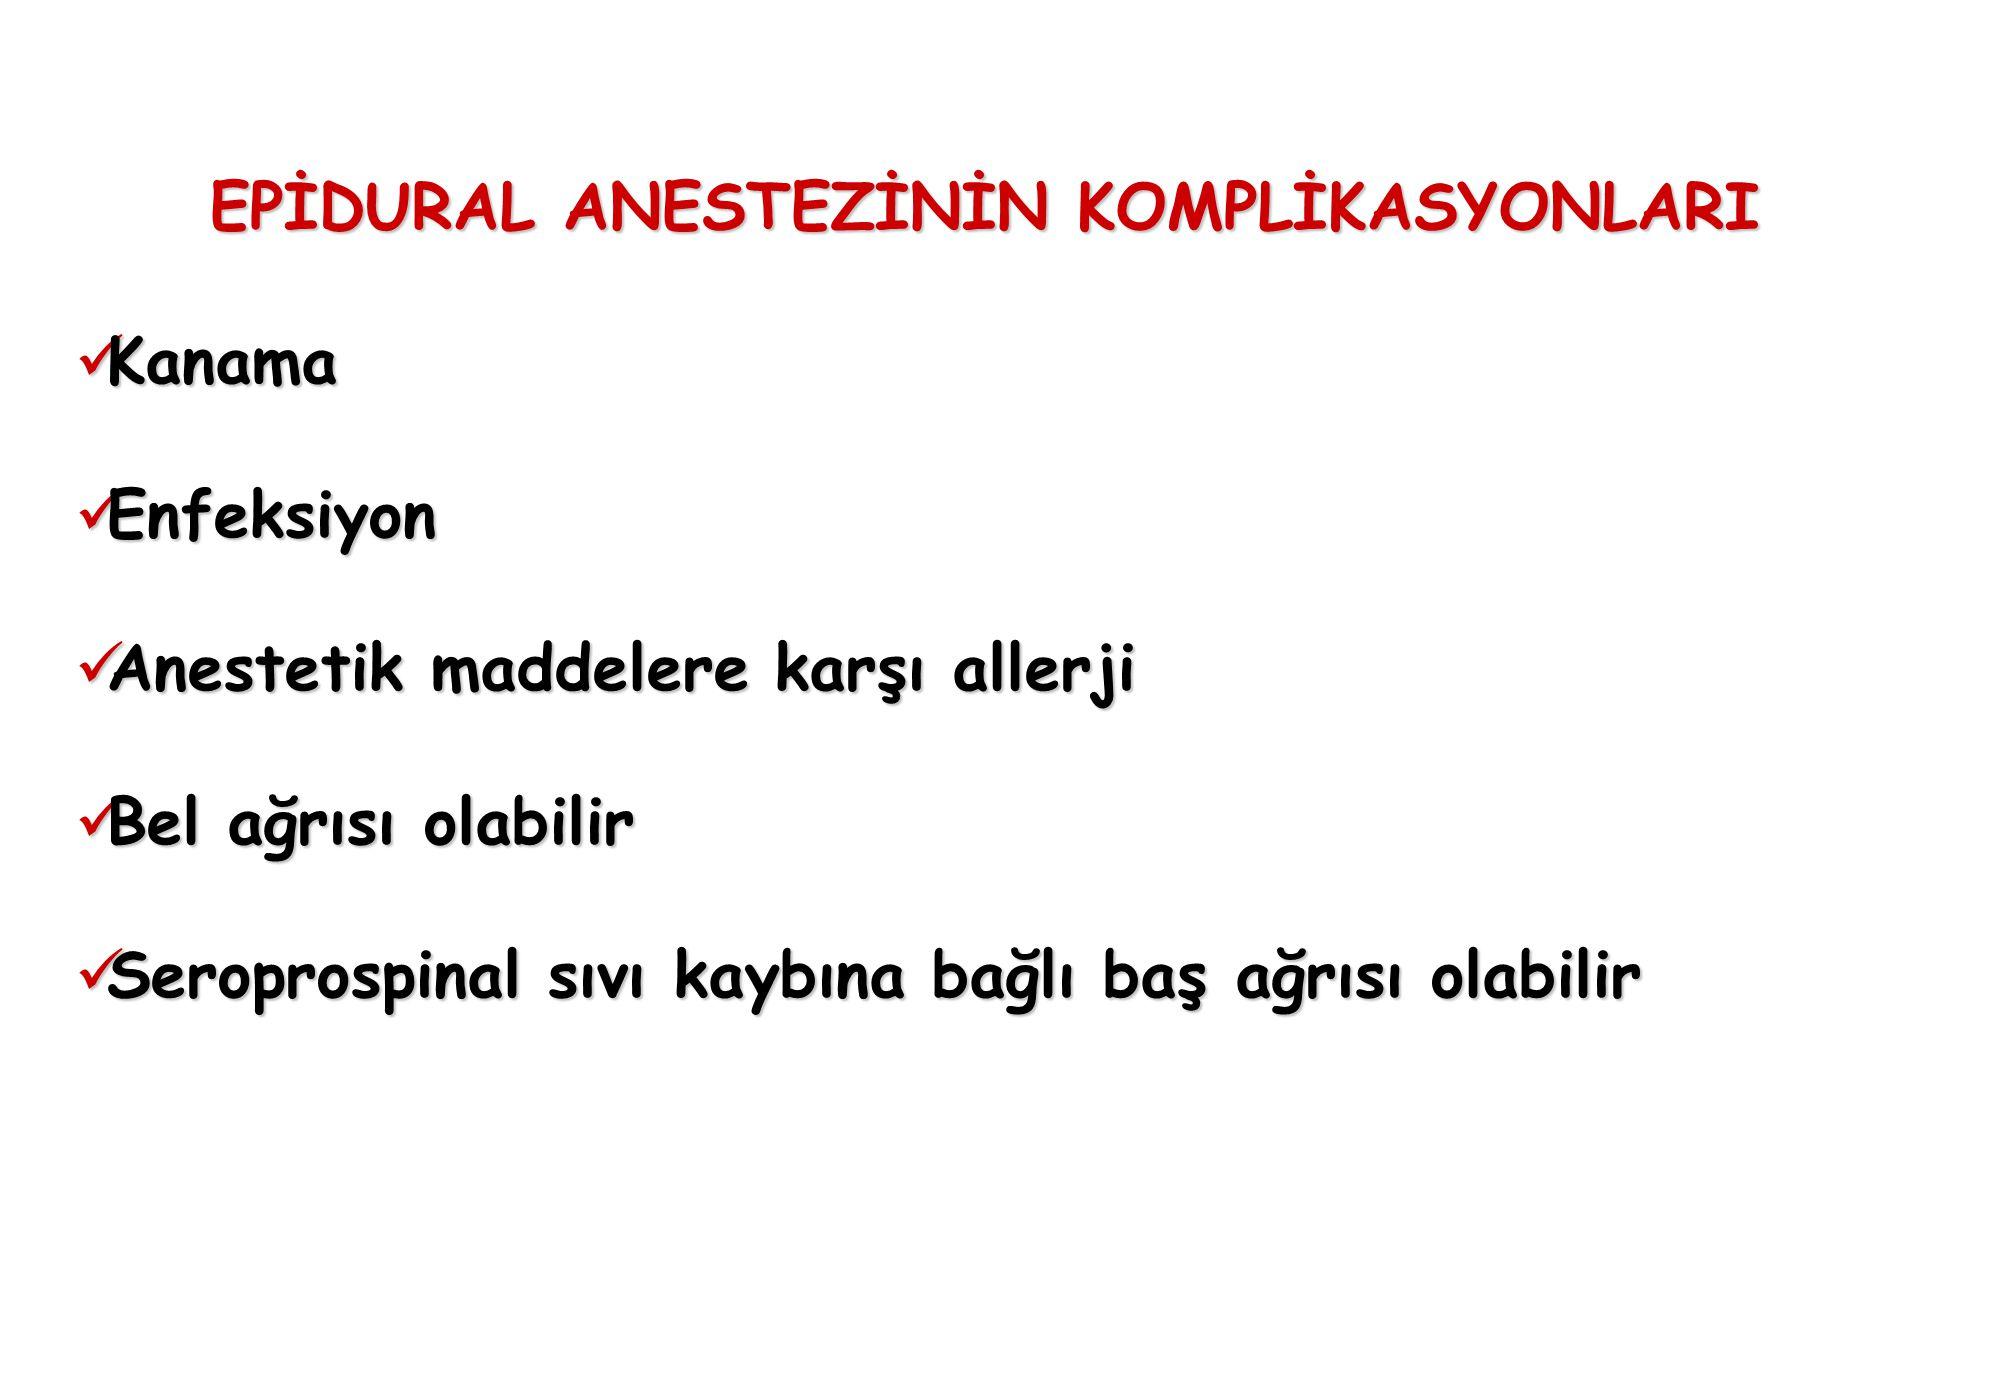 EPİDURAL ANESTEZİNİN KOMPLİKASYONLARI